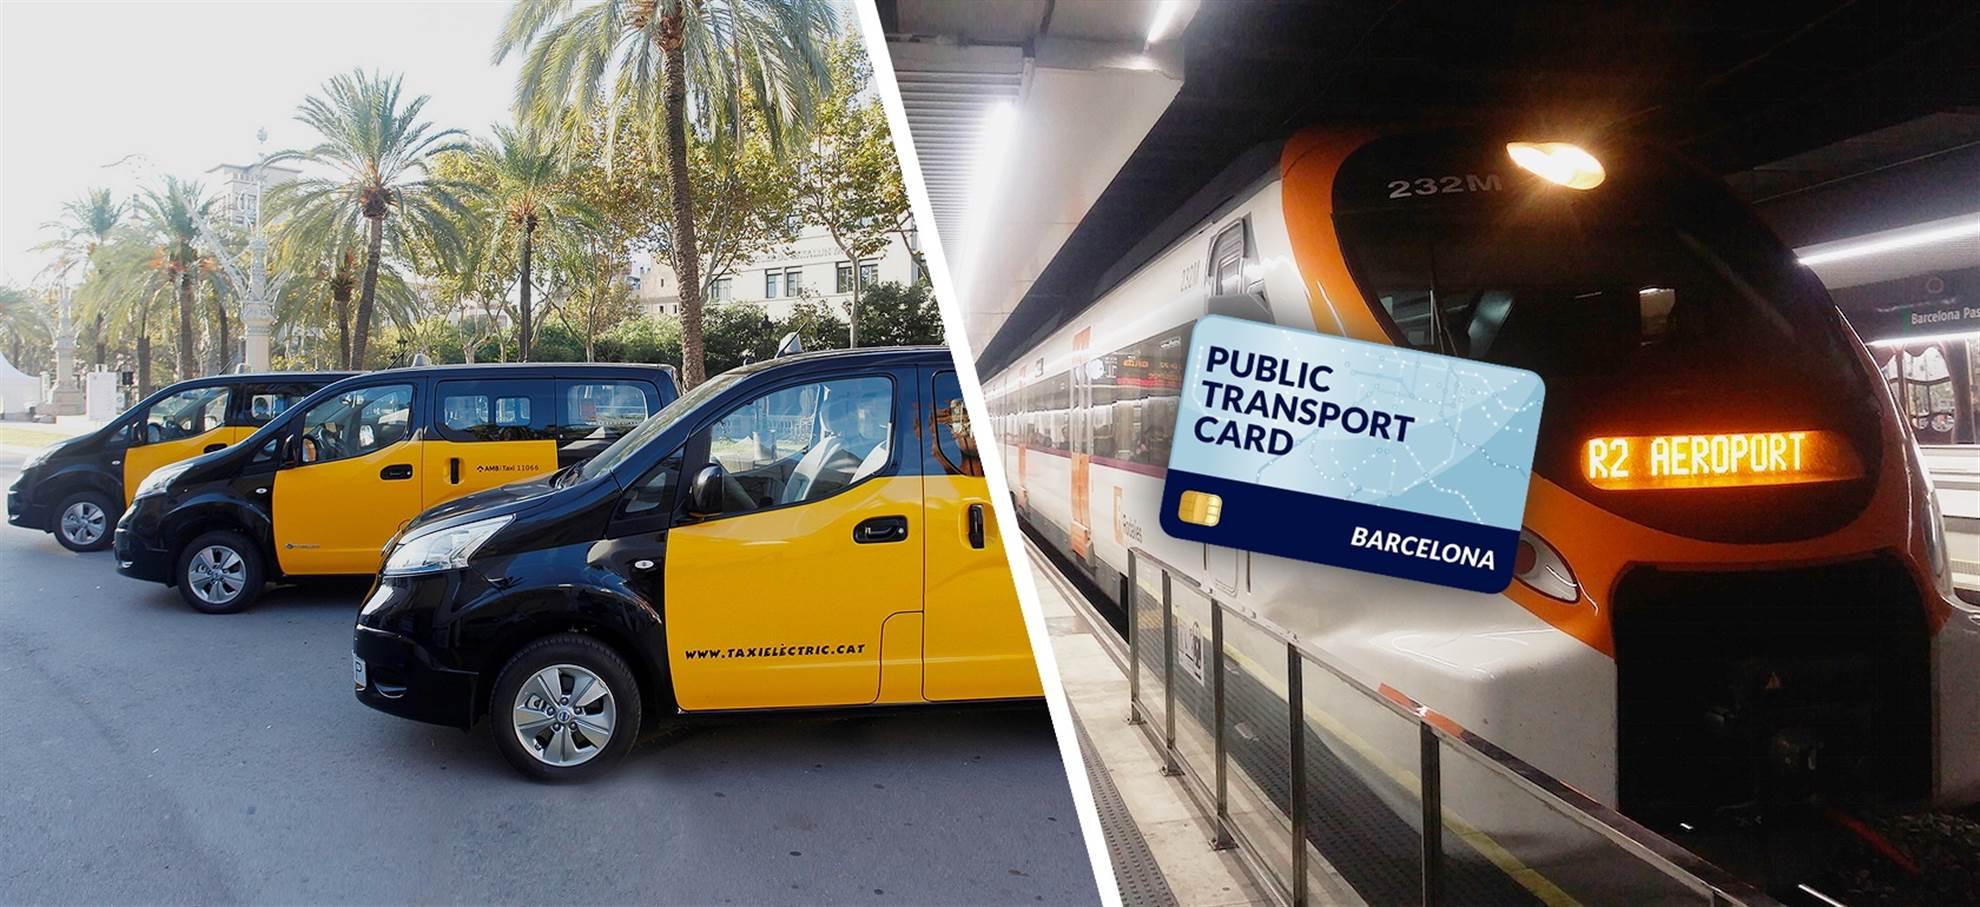 Barcelona Travel Card